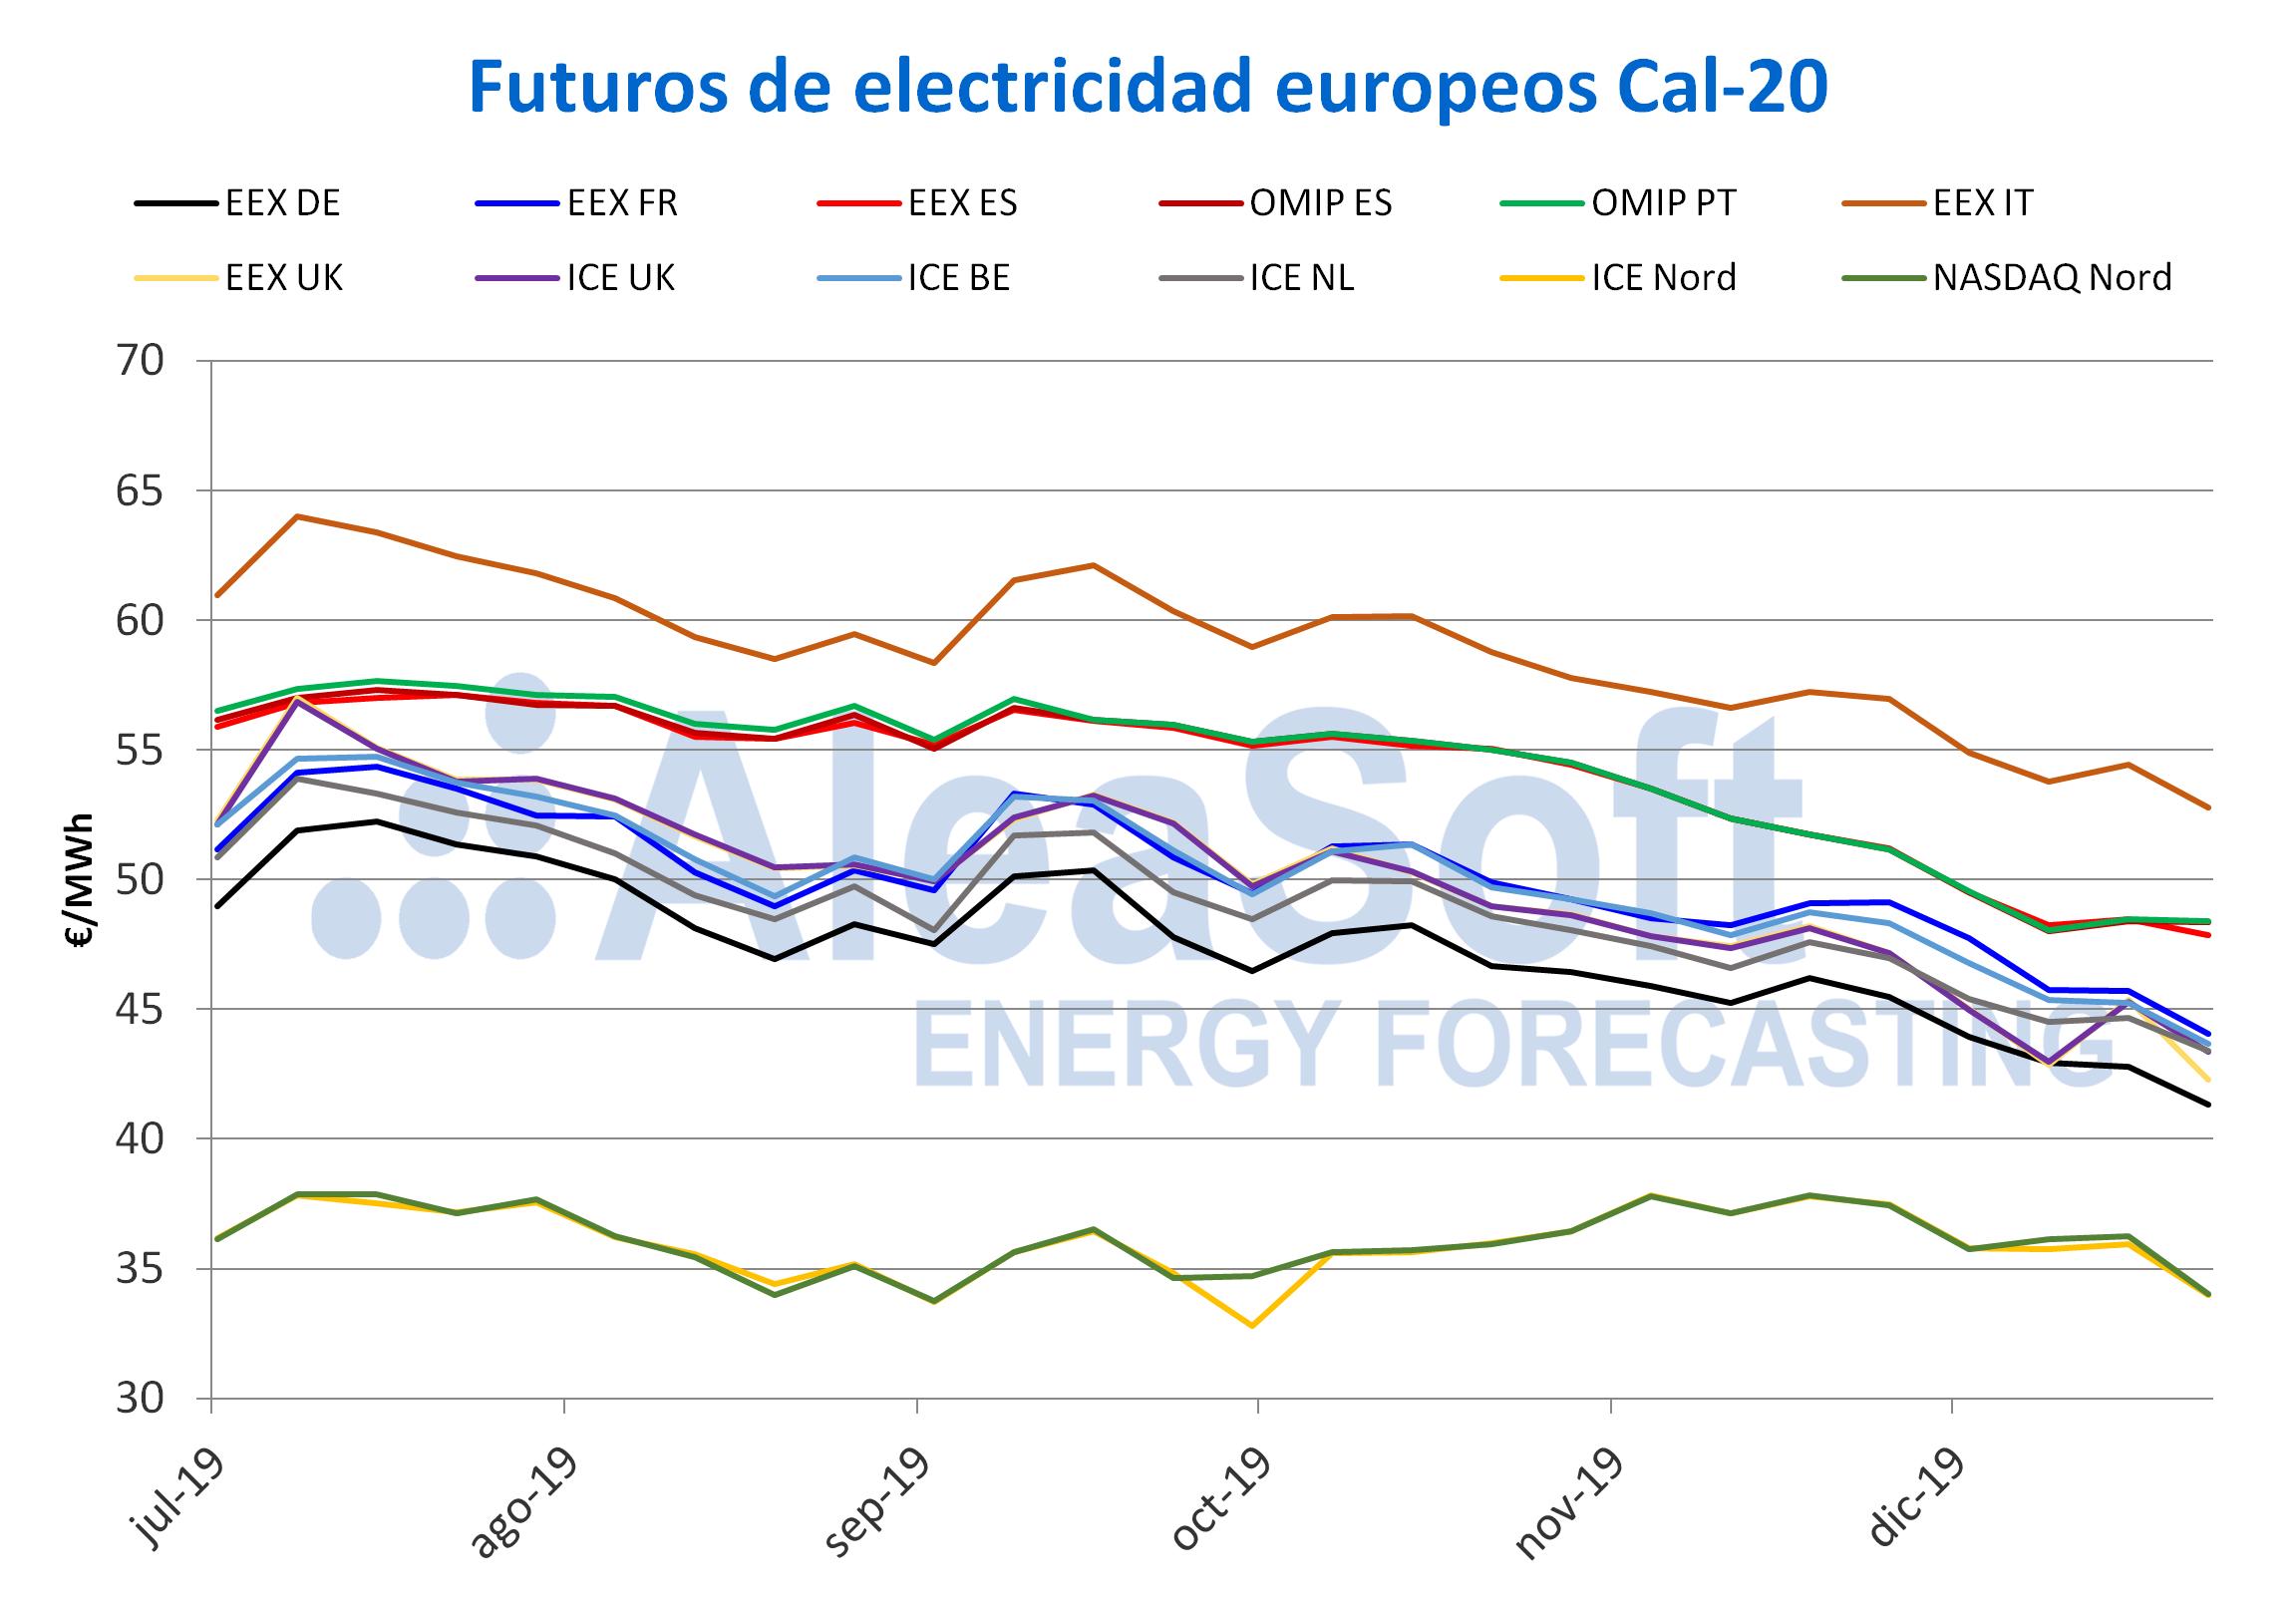 AleaSoft - Precios futuros electricidad 2020 segundo semestre 2019